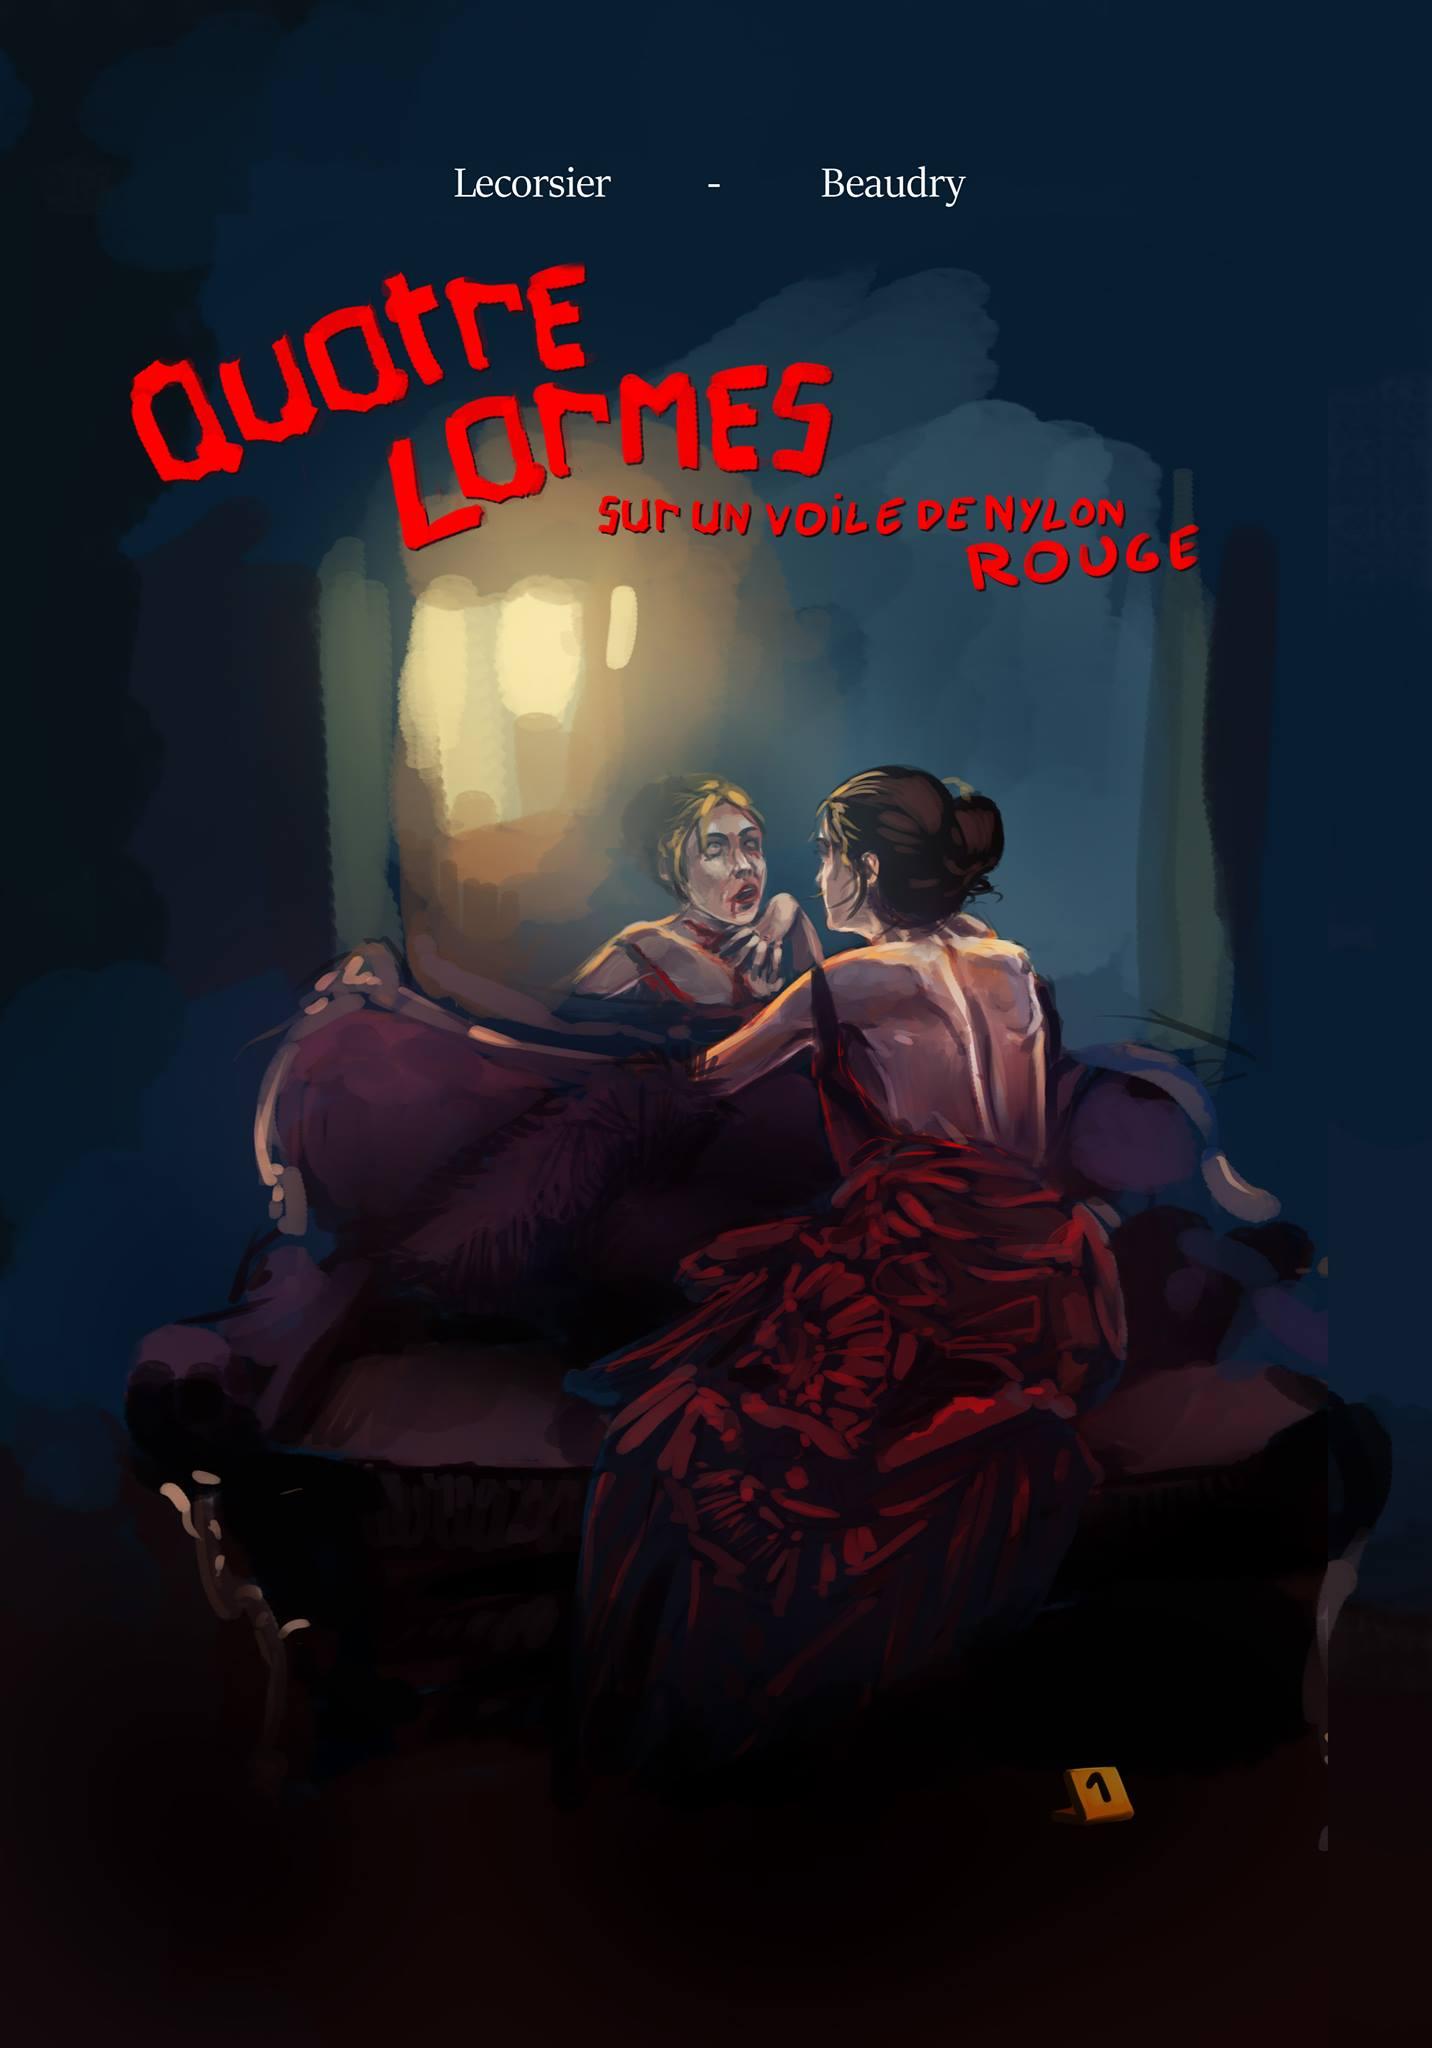 quatre-larmes-sur-un-voile-de-nylon-rouge-beaudry-lecorsier-couverture